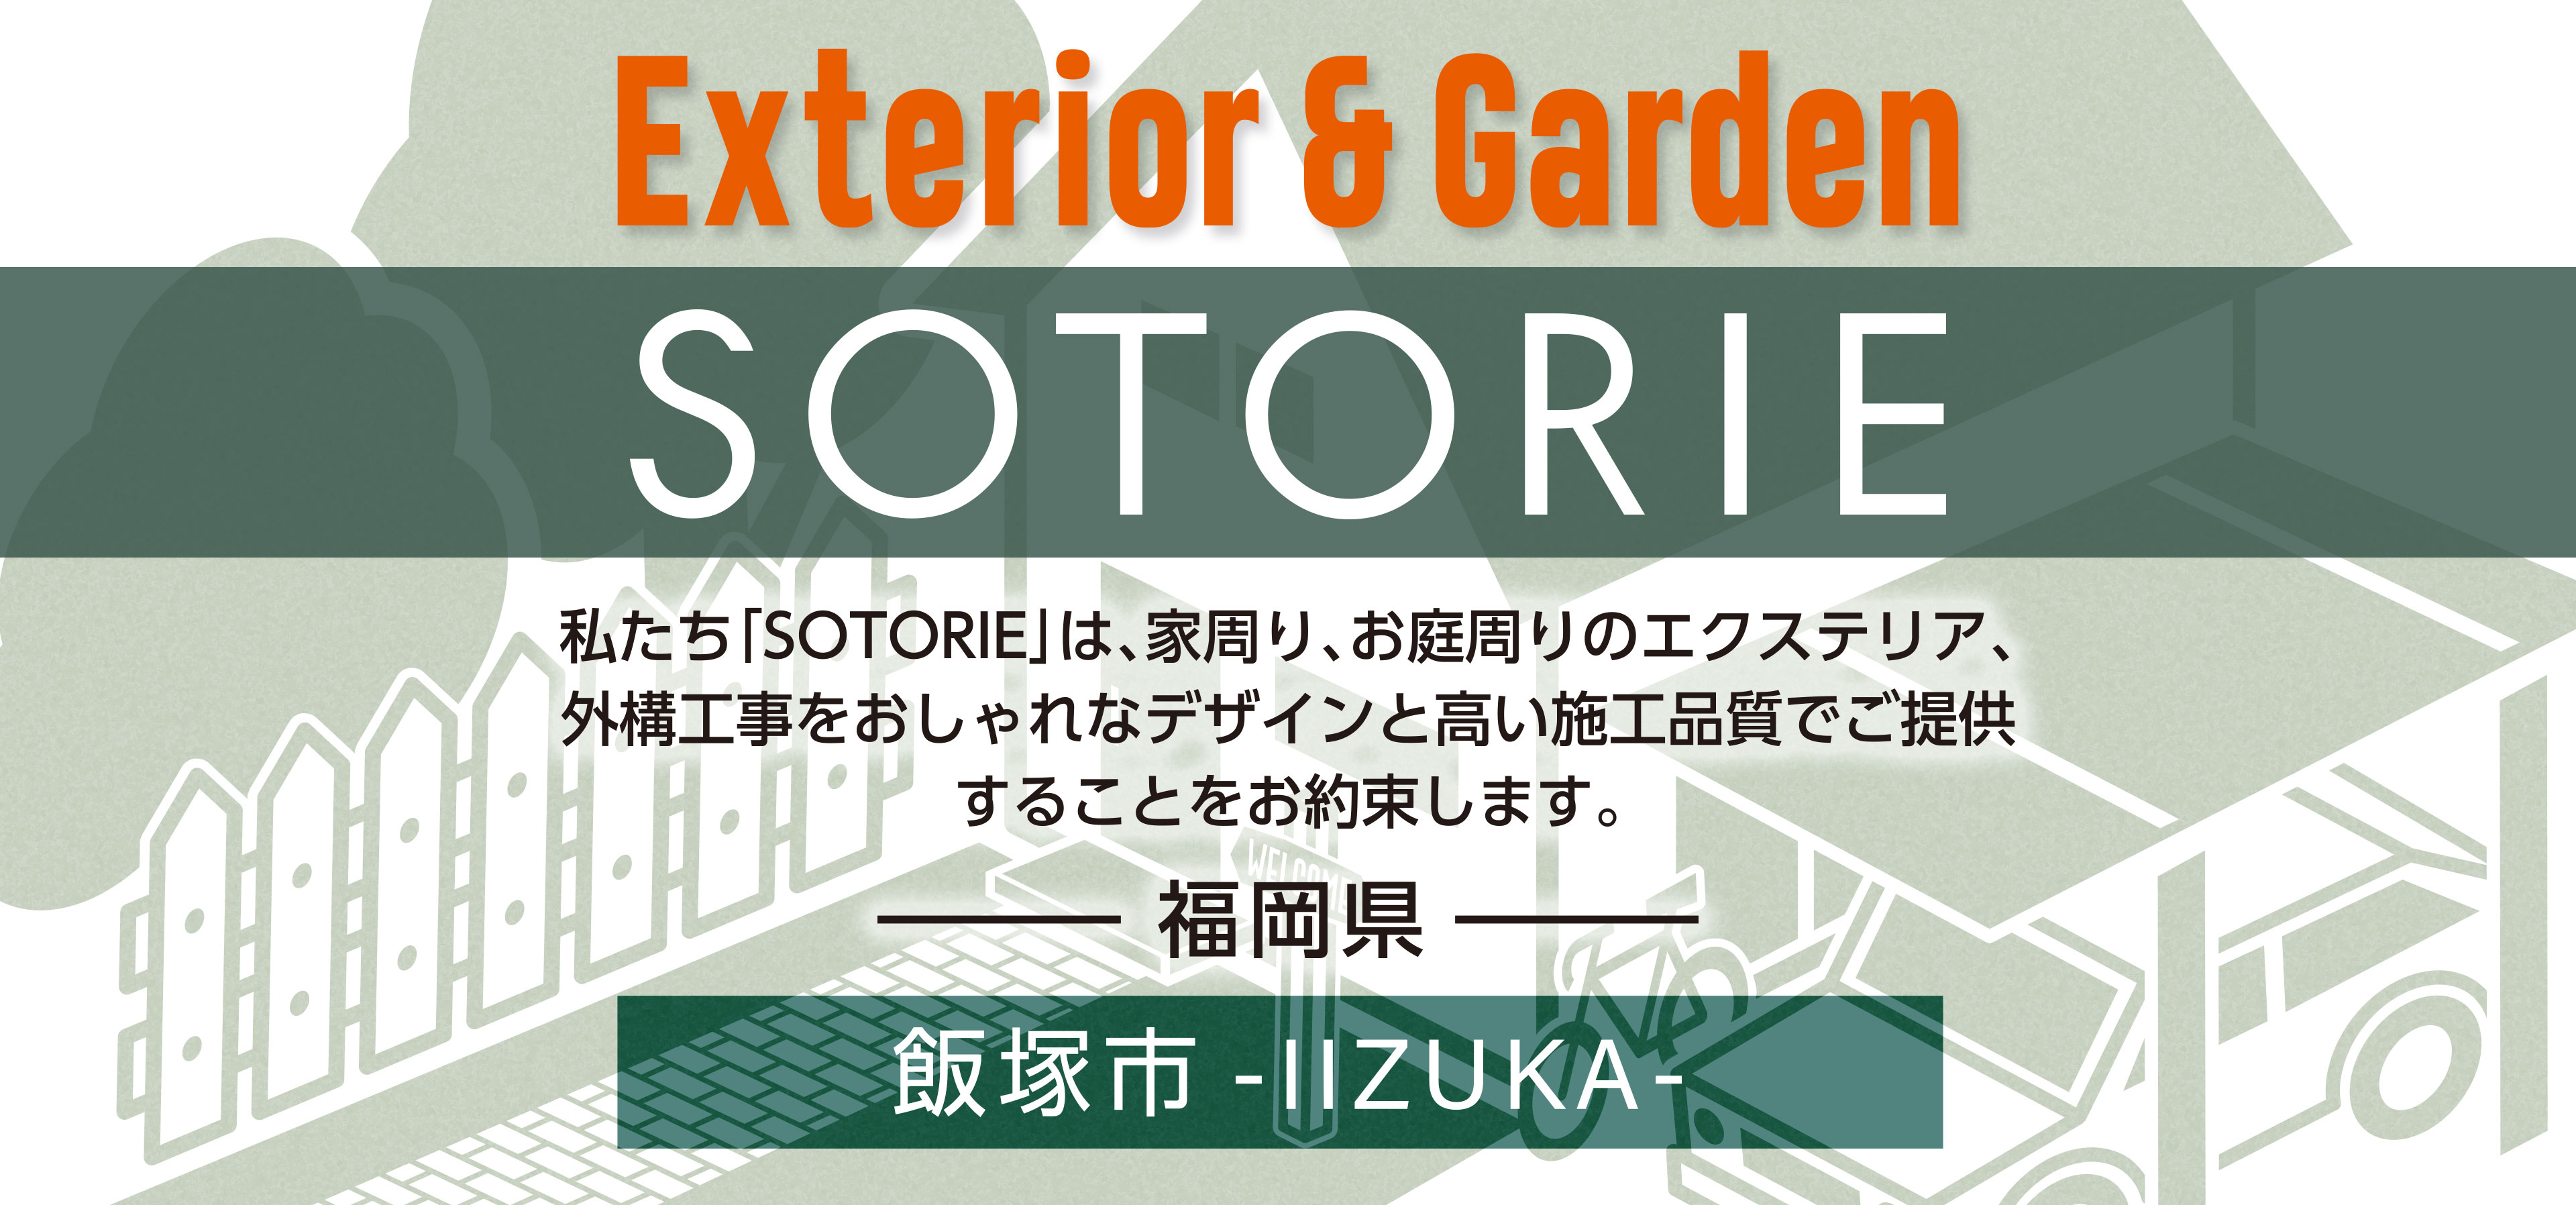 ソトリエ飯塚市では、家周りと庭周りの外構、エクステリア工事をおしゃれなデザインと高い施工品質でご提供することをお約束します。